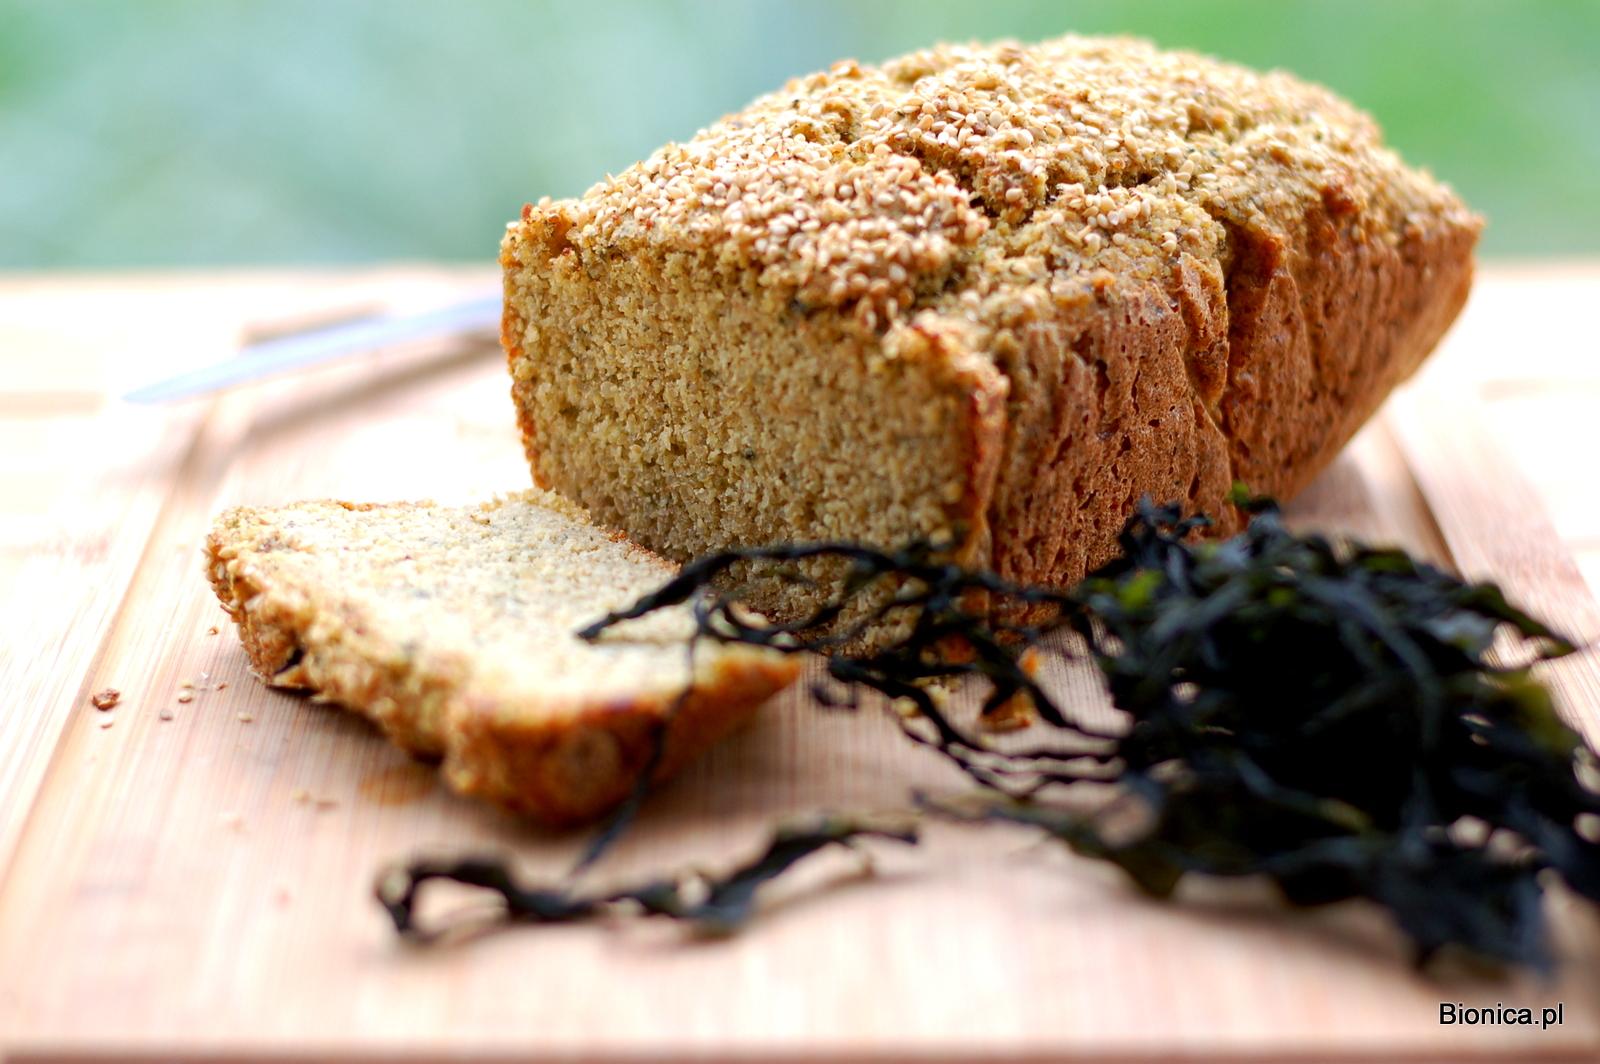 odchudzjący chleb bez glutenu z algami morskimi